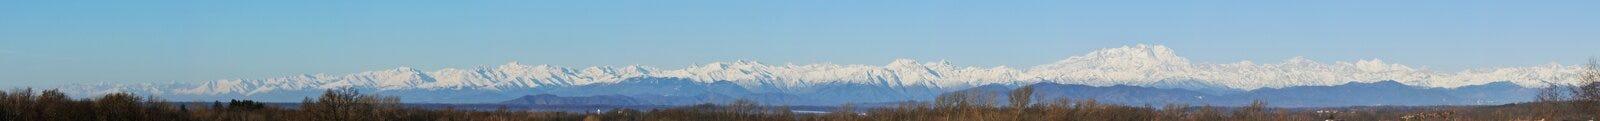 Alps pasma górskiego panorama Zdjęcie Royalty Free